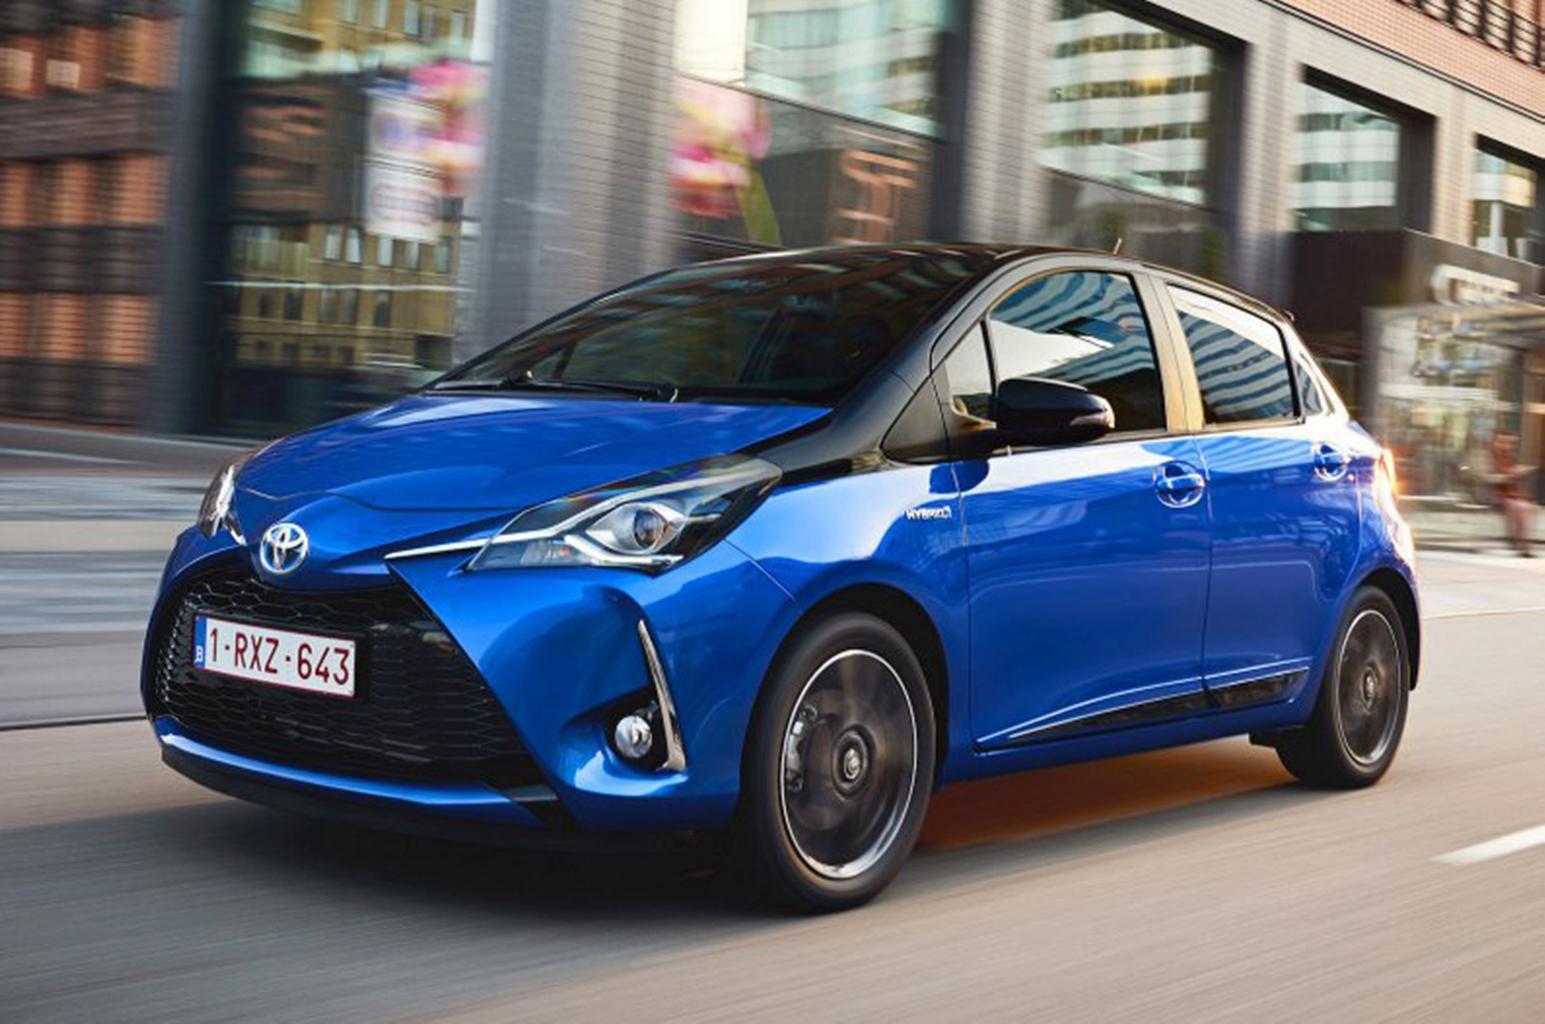 Зачем Toyota бесплатно раздает свои патенты на гибриды, при этом активно патентуя гибридное автомобилестроение